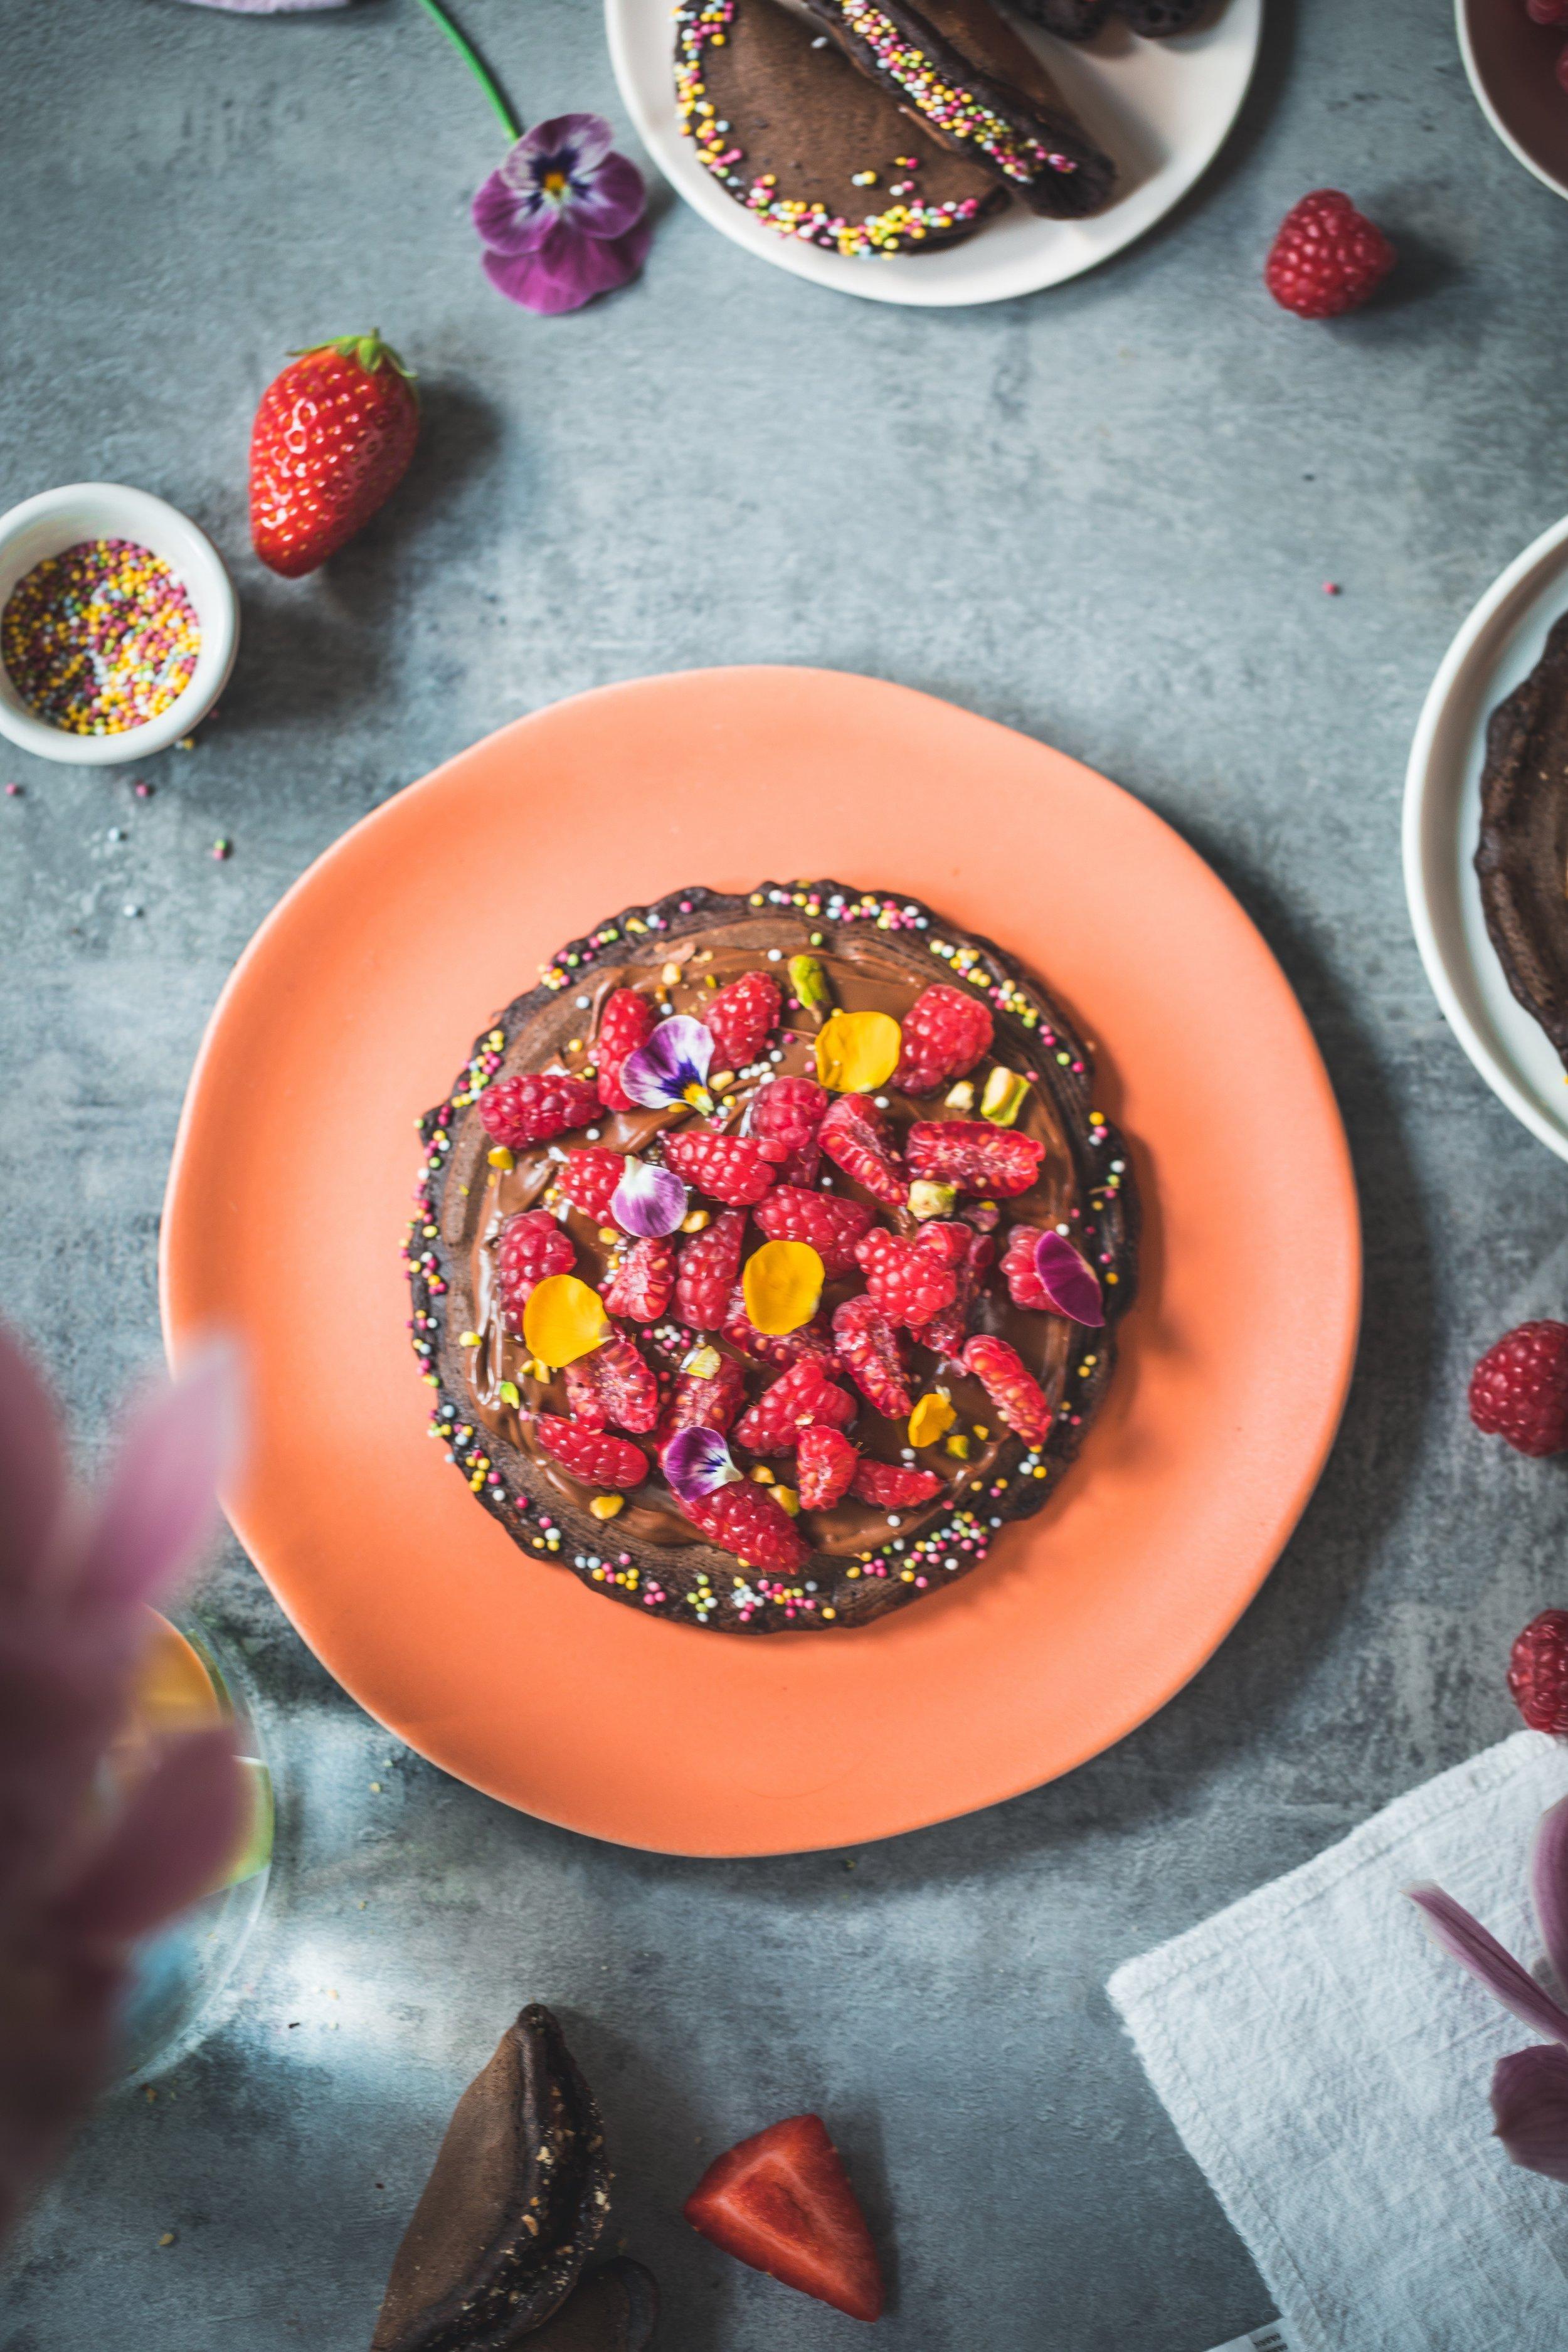 Atayef au chocolat garni de Nutella, framboises et pistaches concassées